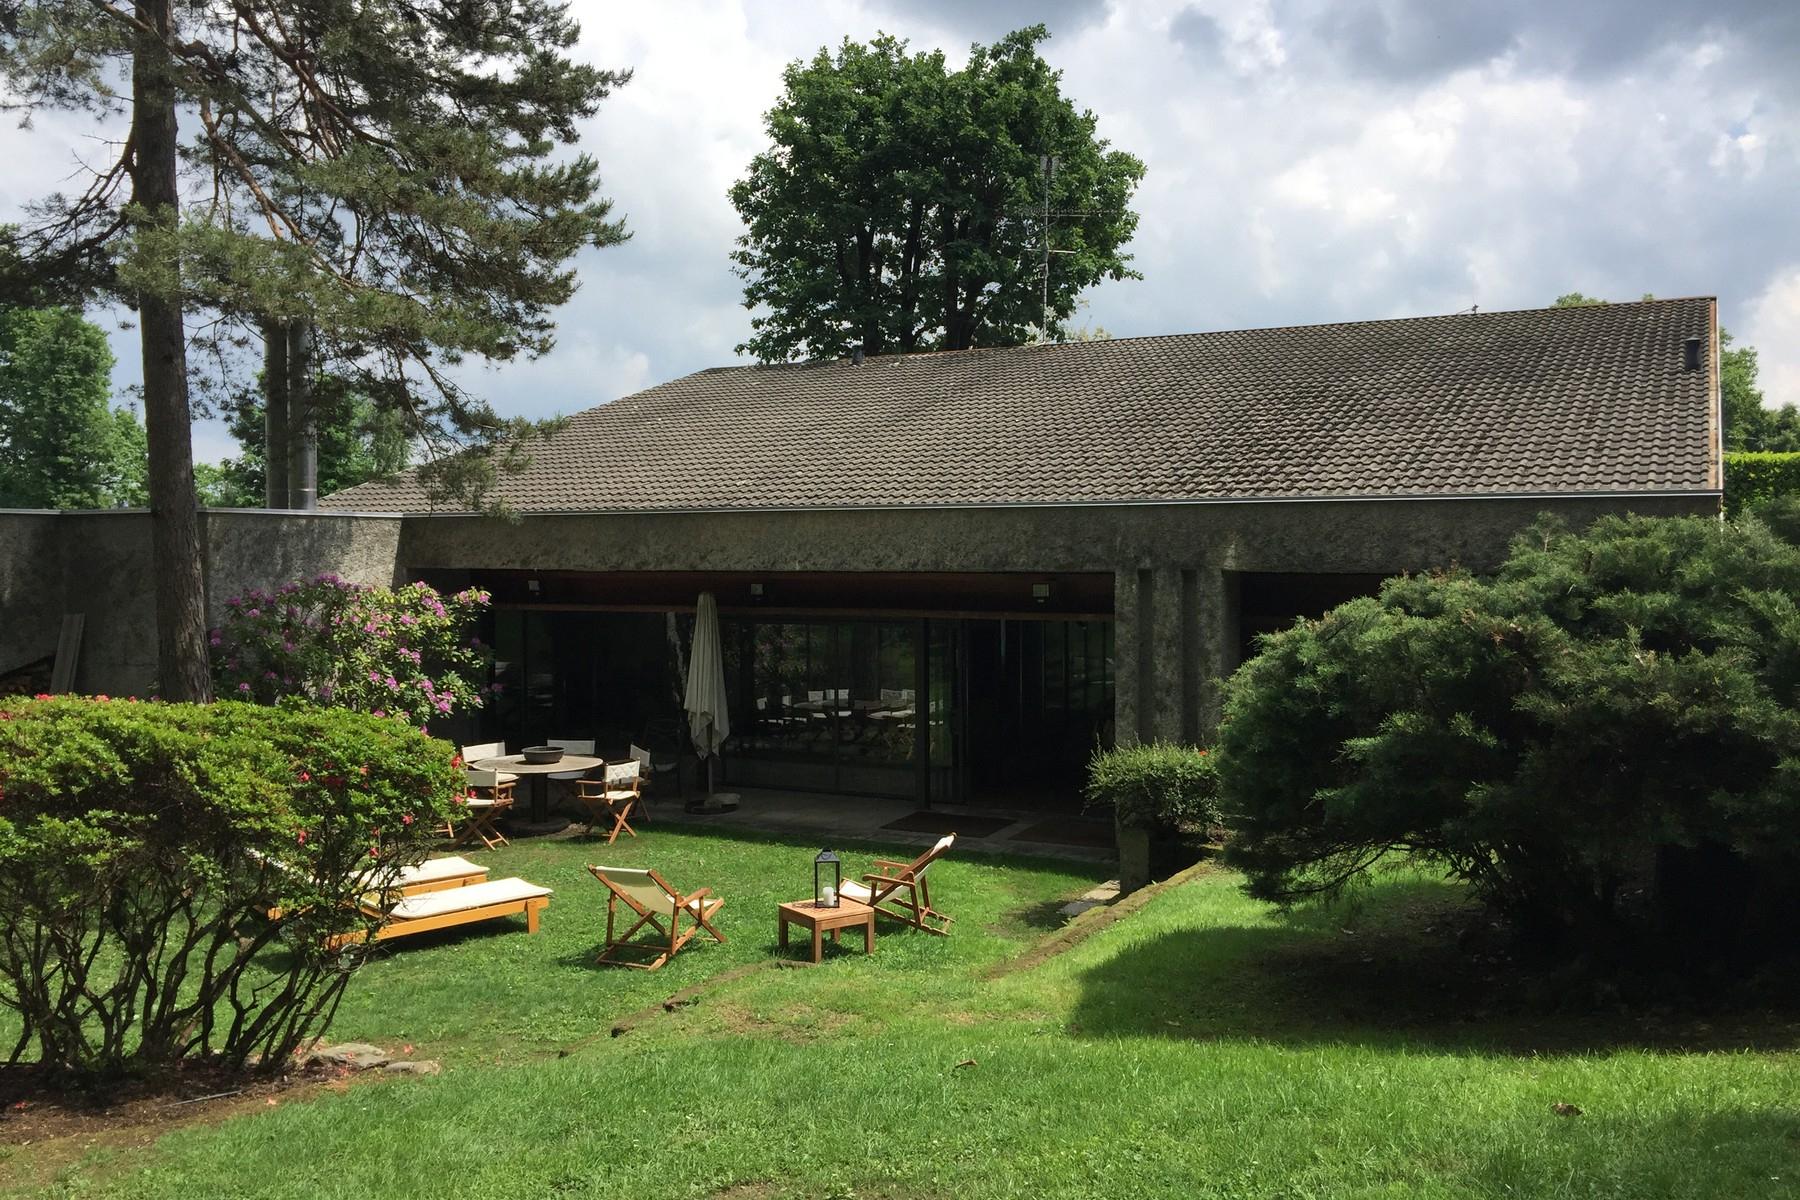 Villa in Vendita a Cantu':  5 locali, 300 mq  - Foto 1